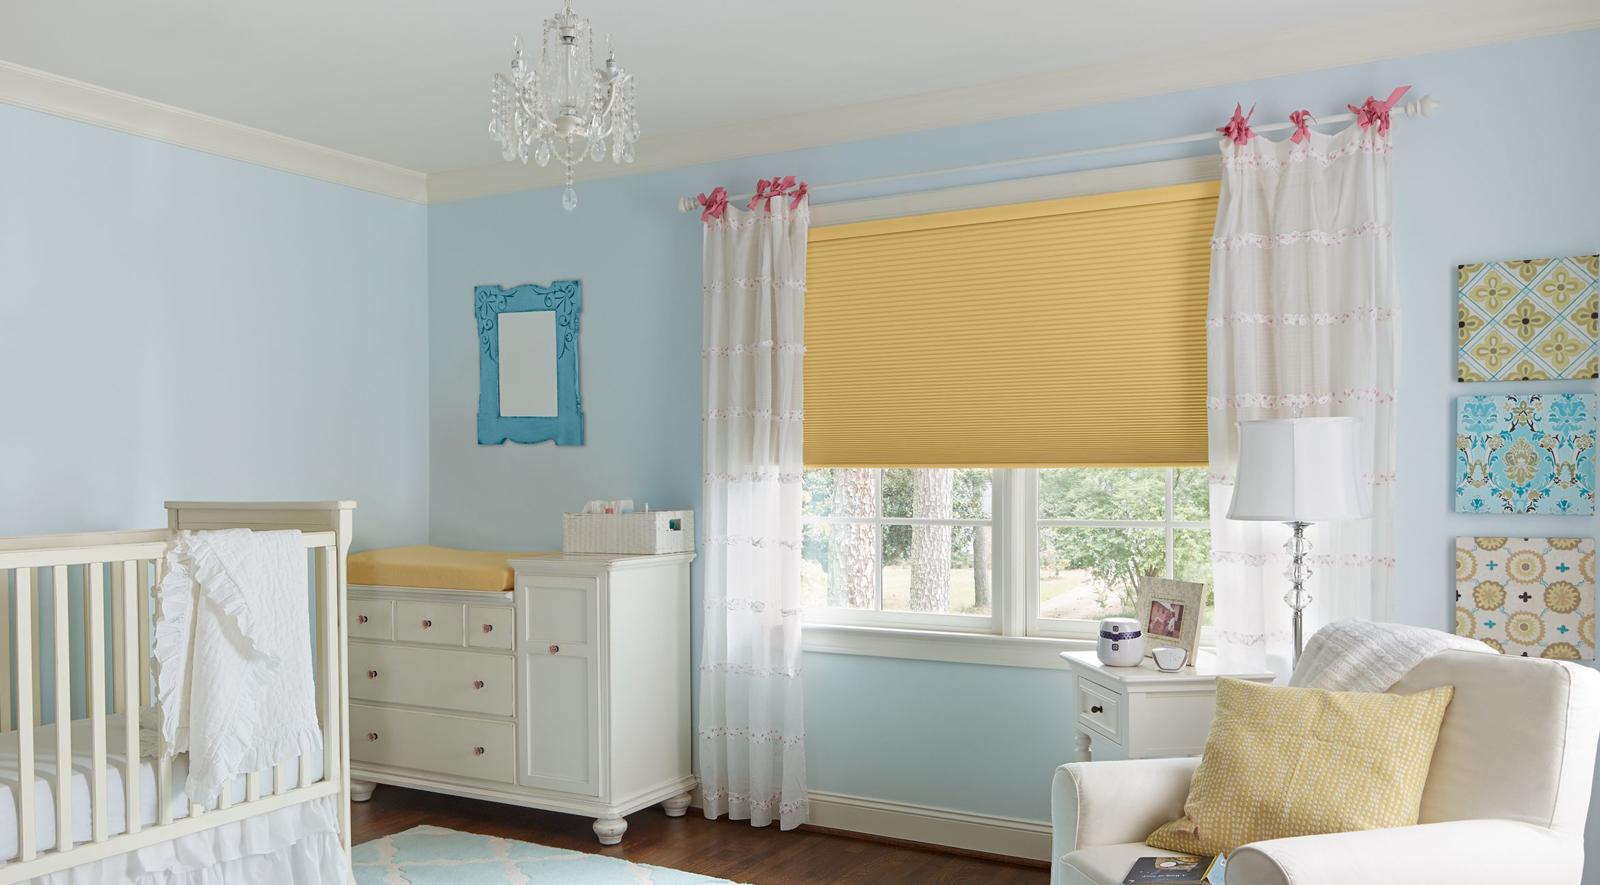 Желтые жалюзи и легкие белые шторы в детской комнате